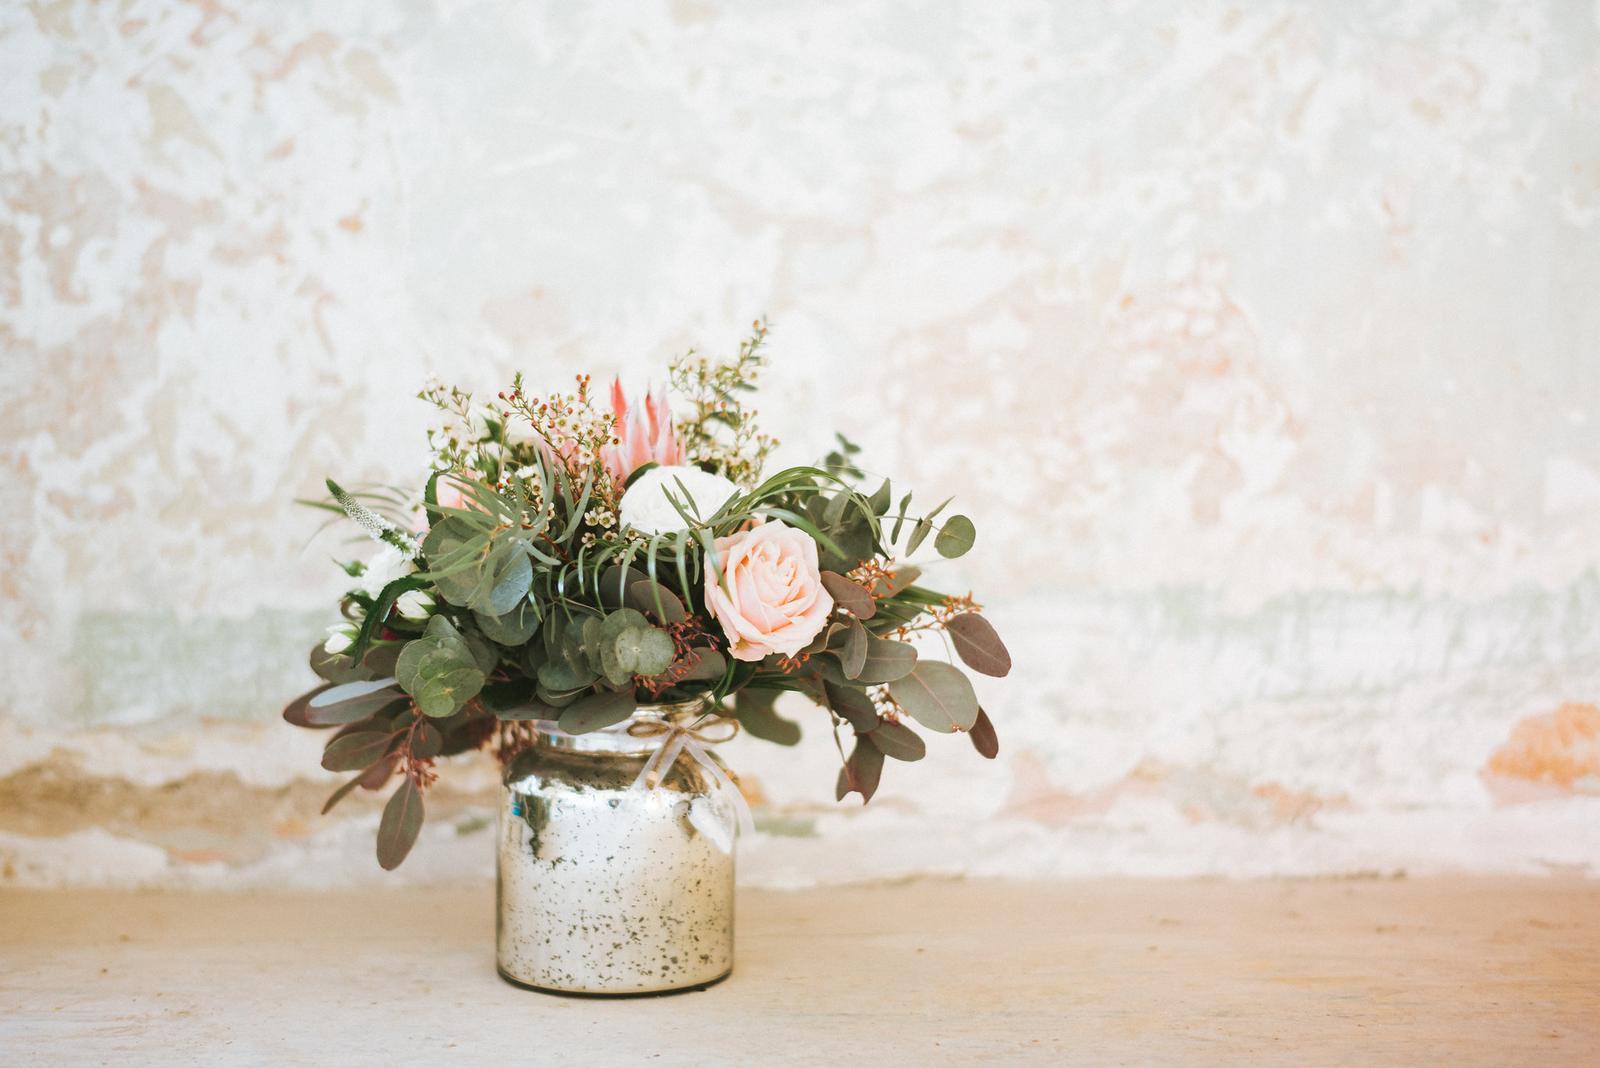 Zlato-strieborná váza - Obrázok č. 1